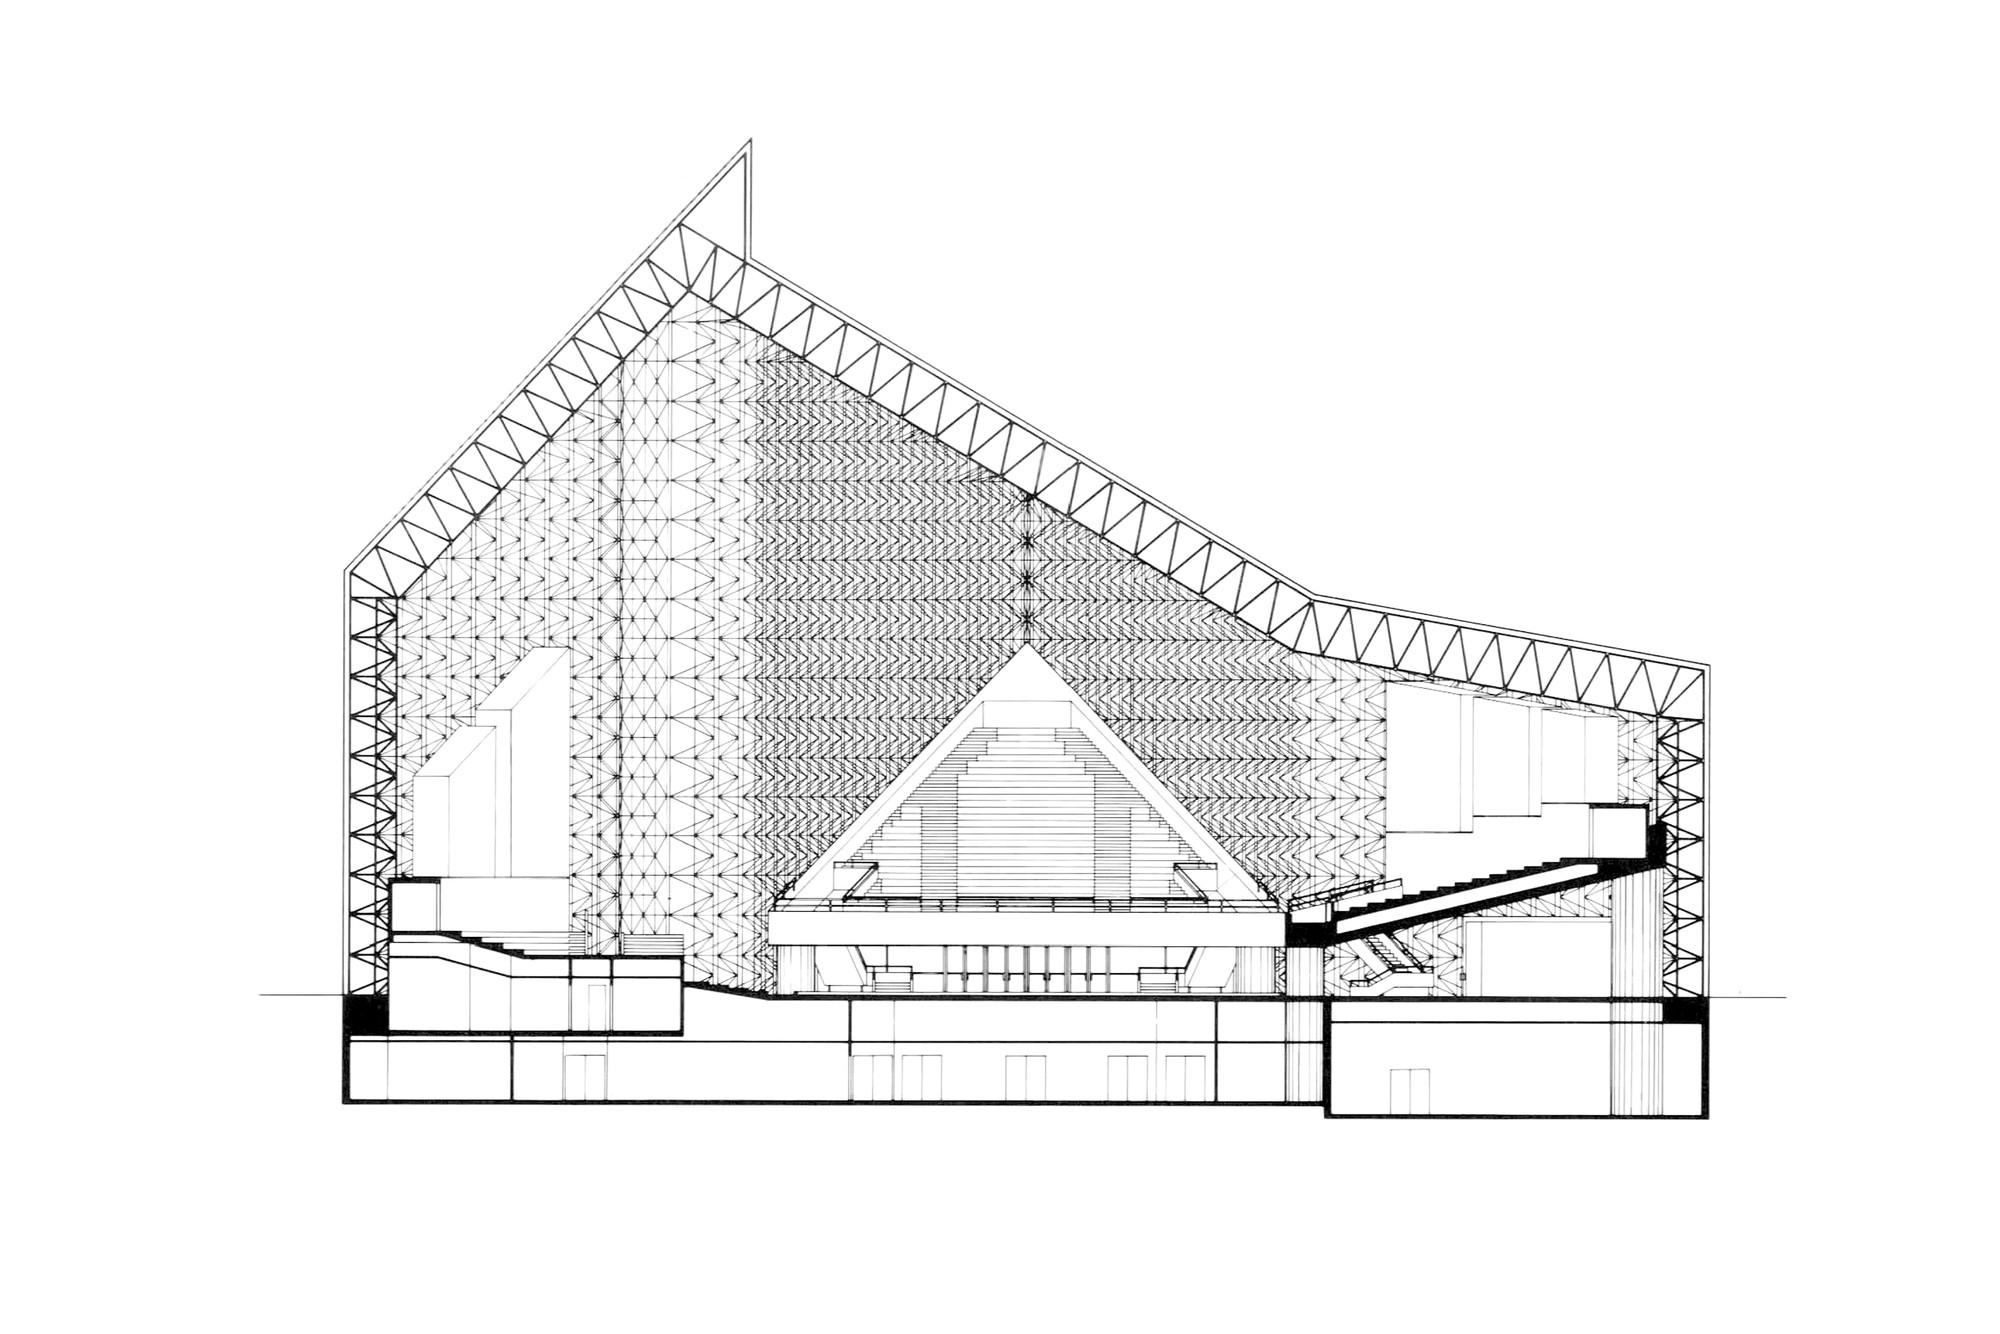 Cathedral floor plans como envernizar madeira veja dicas for Abelard decoration